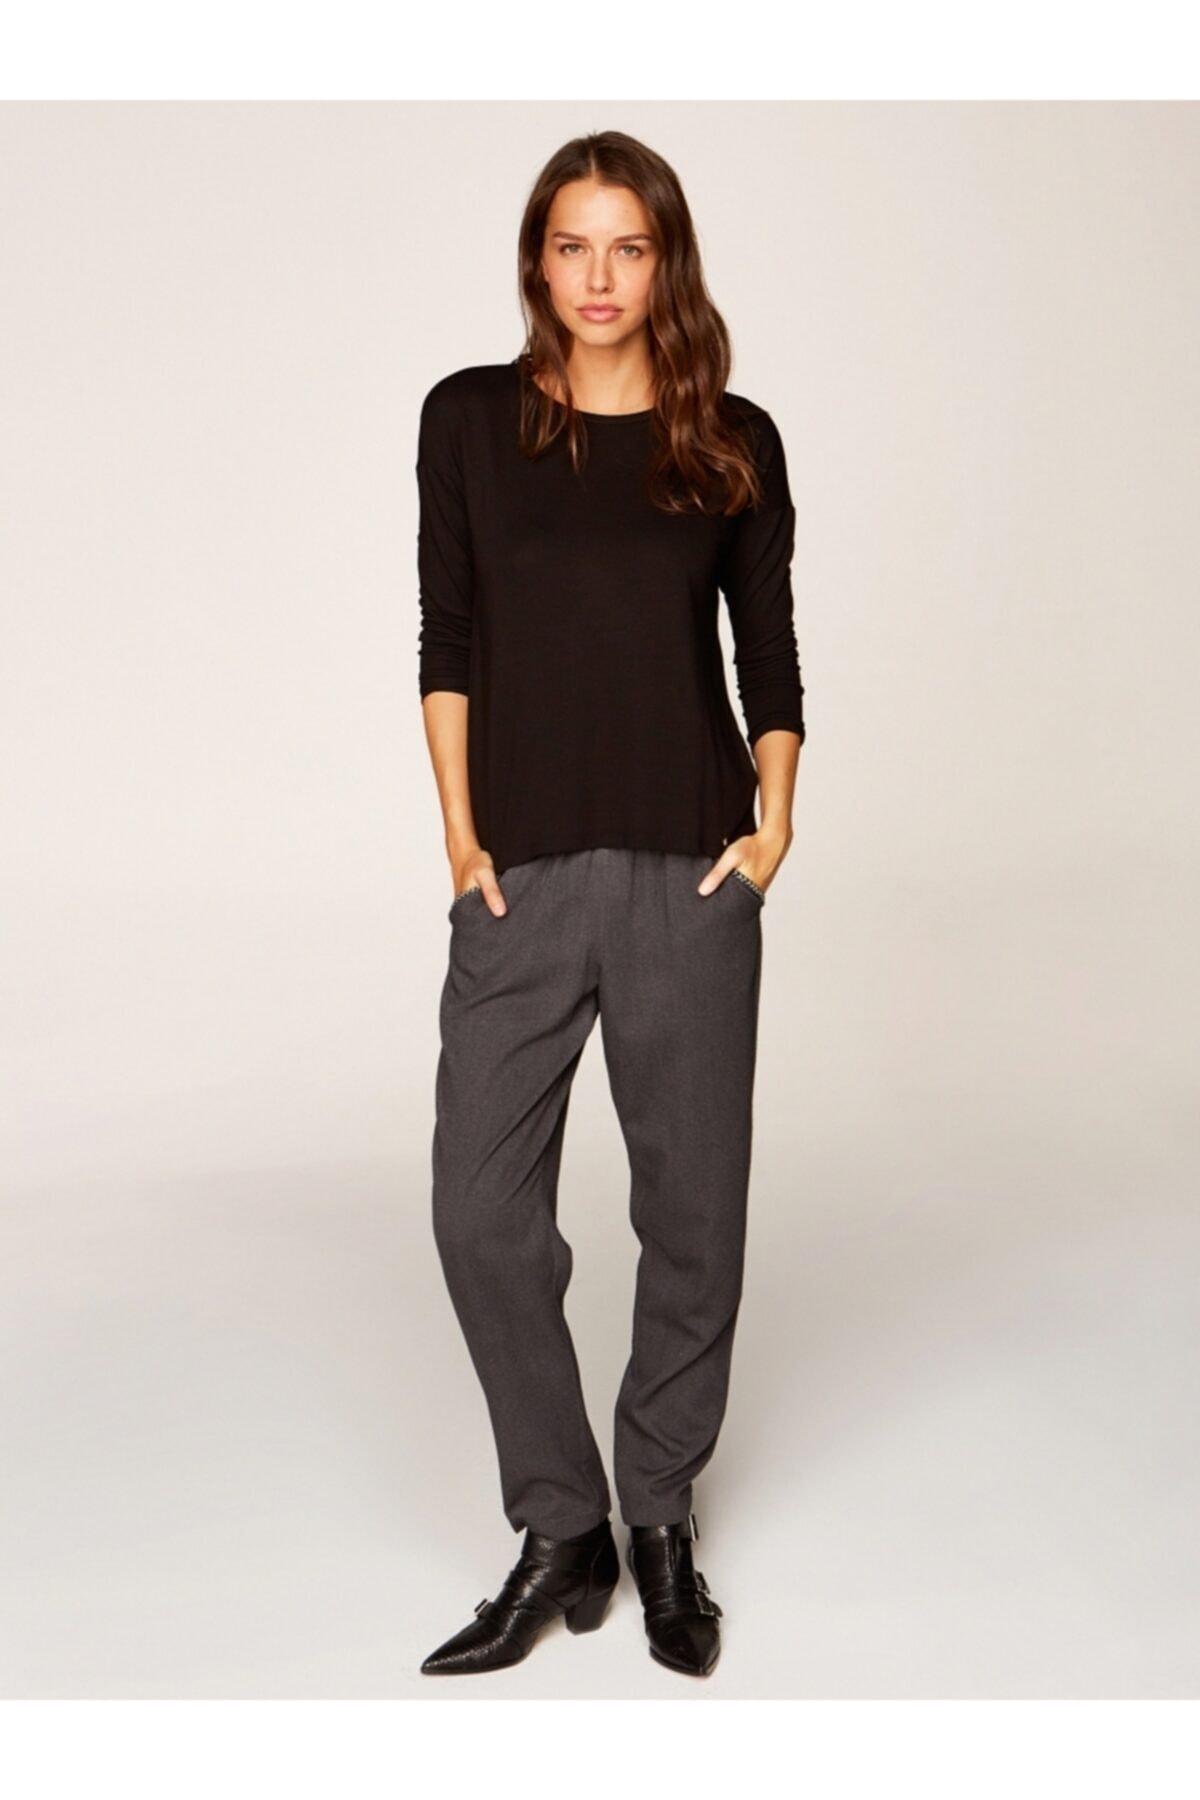 Faik Sönmez Kadın Siyah Yuvarlak Yaka Uzun Kol T-shirt 00019 2